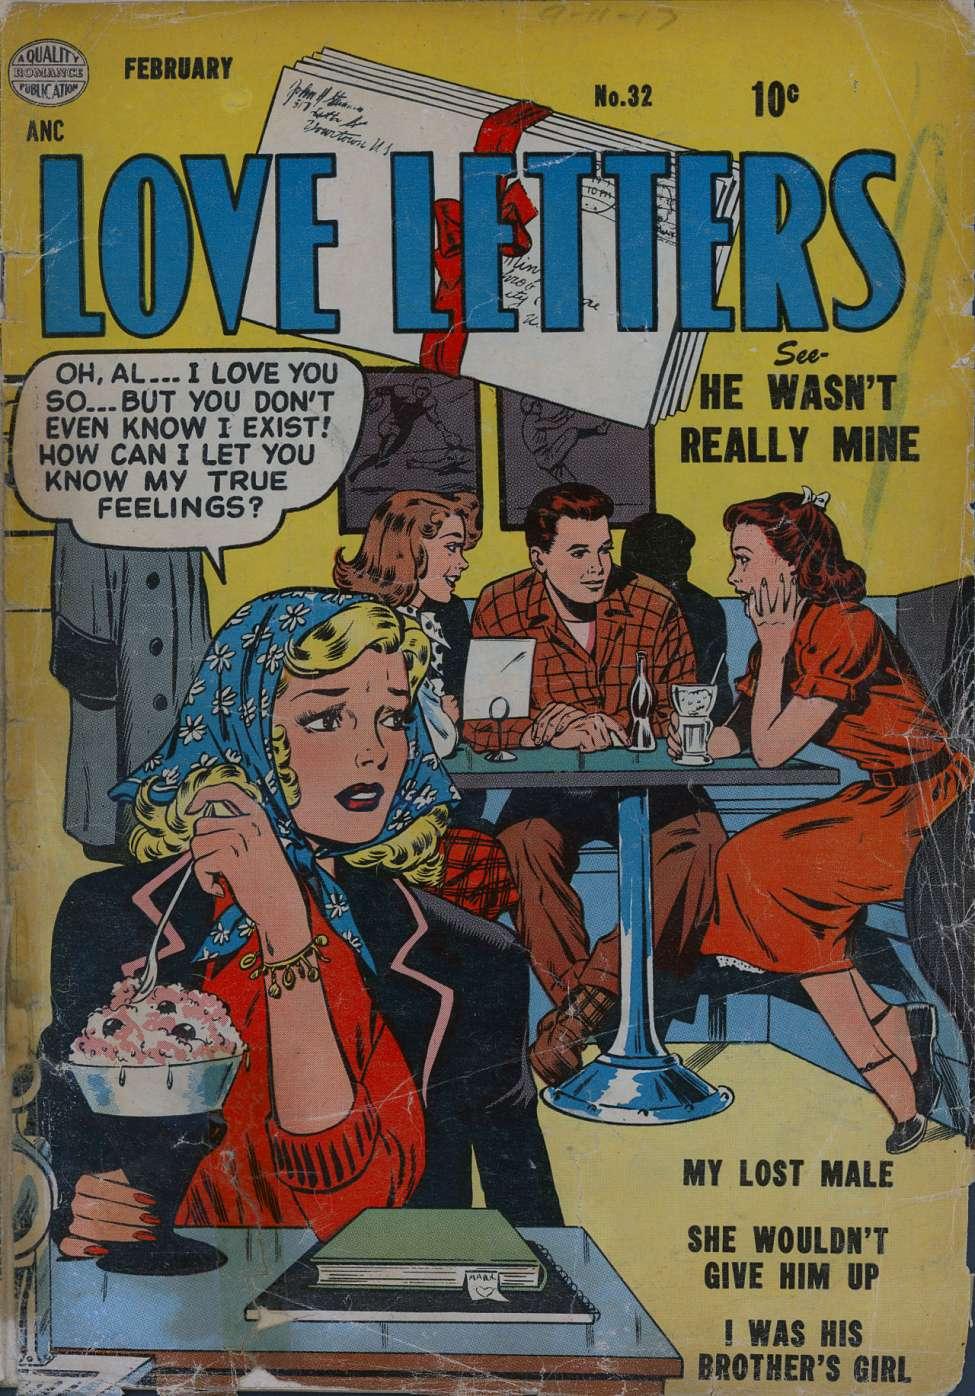 Love Letters #32, Quality Comics